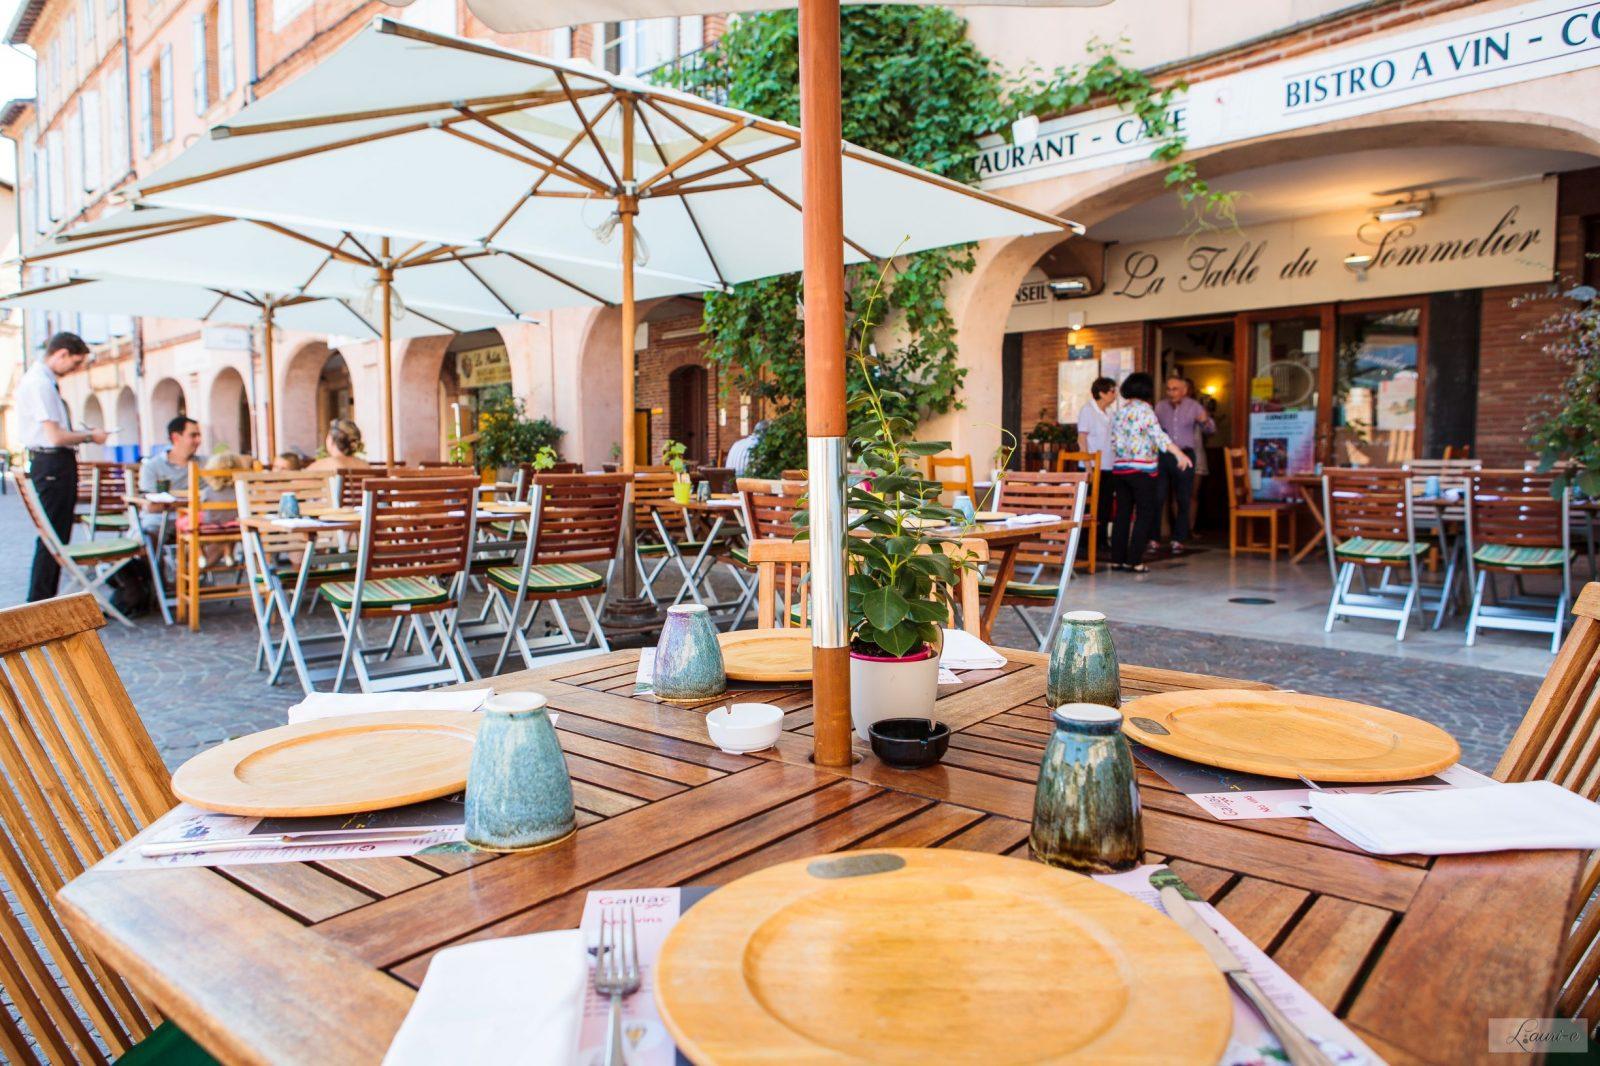 La Table du Sommelier- Terrasse